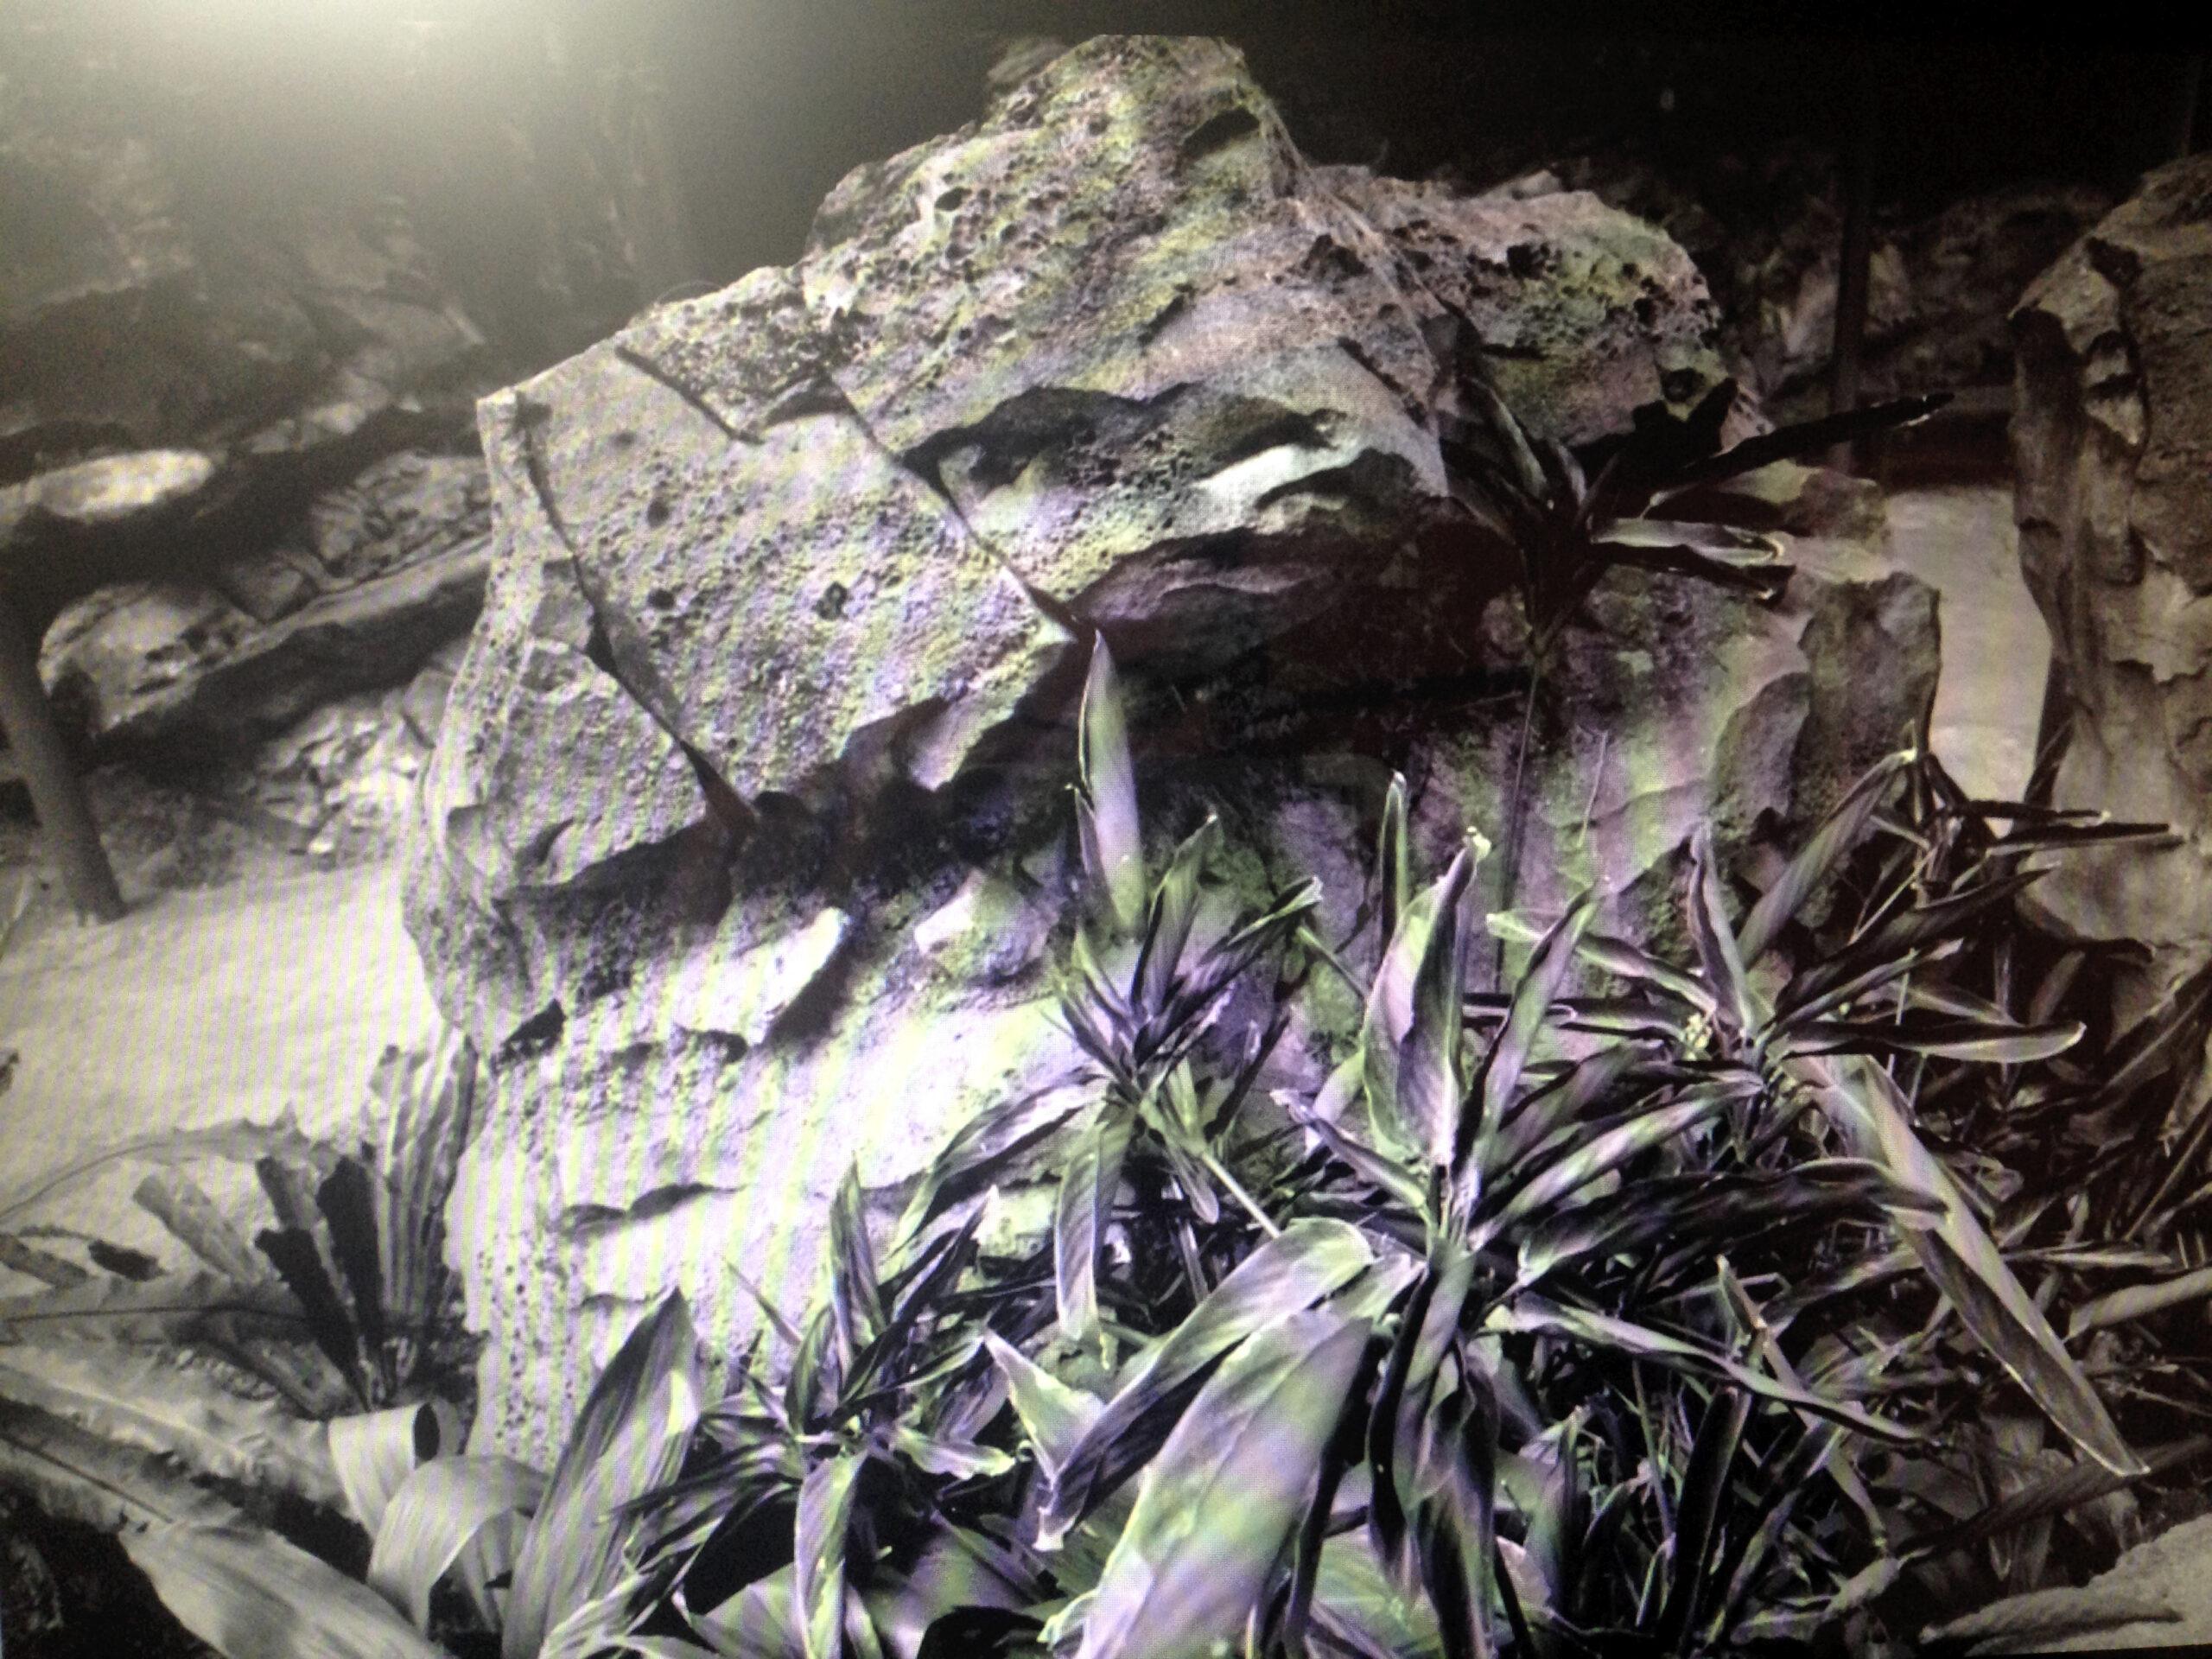 Pia Kintrup_the stone_the nonexistent areas are of particular interest_Print auf Aluminium Lightbox_45 cm x 60 cm x 15 cm